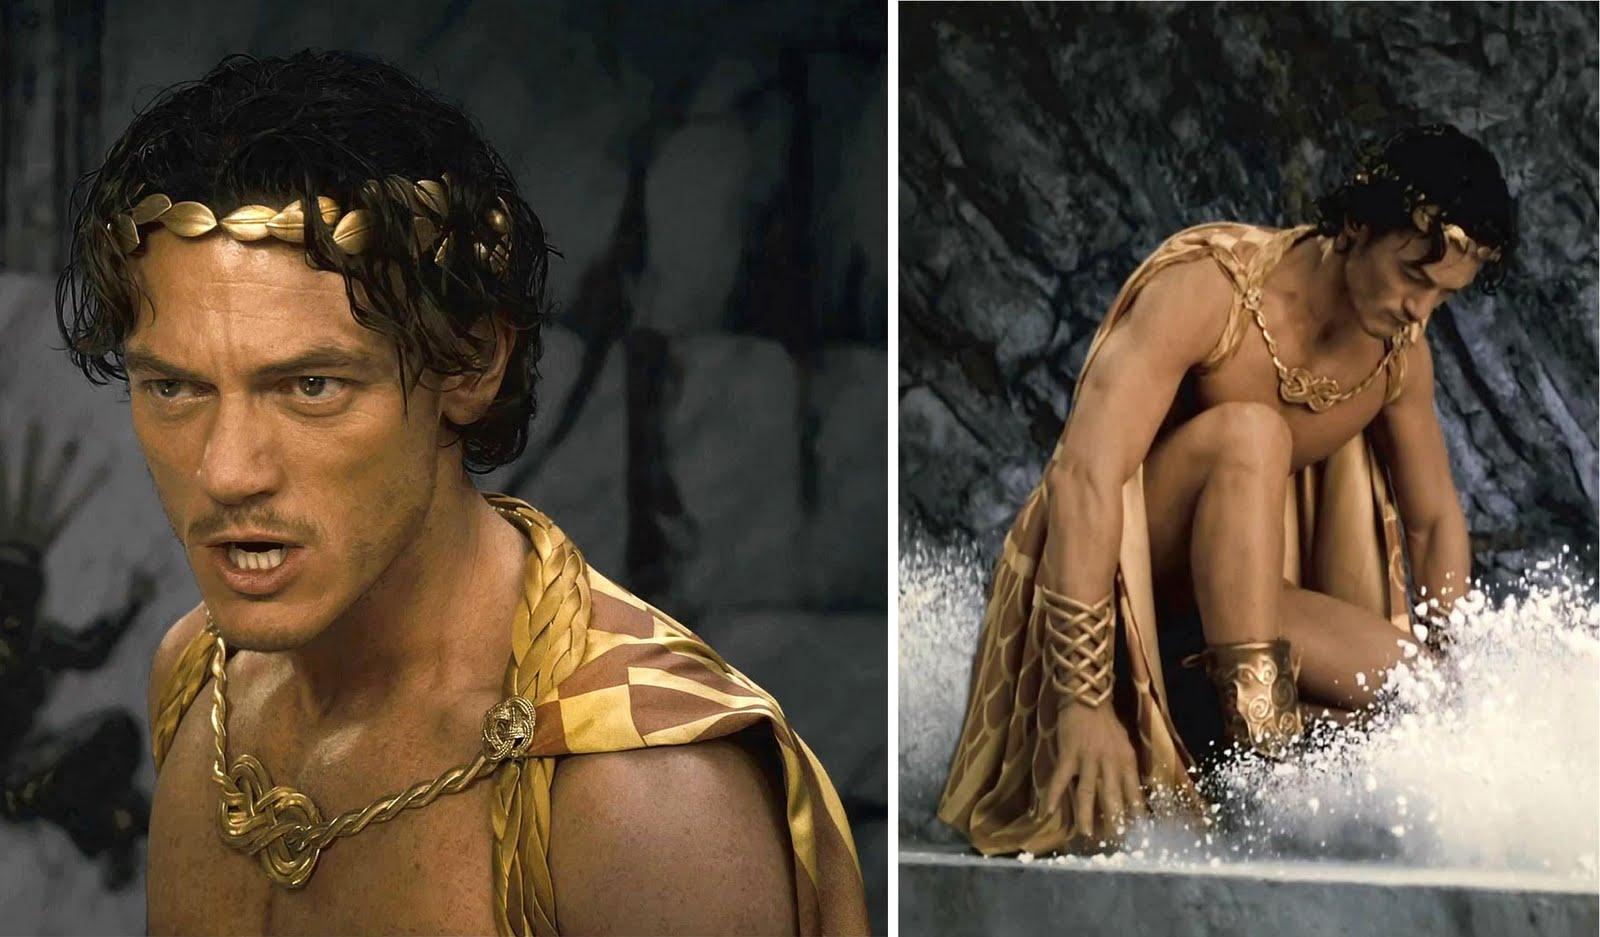 Luke Evans cũng là một cái tên được nhắc nhiều trên các tạp chí đồng tính thế giới